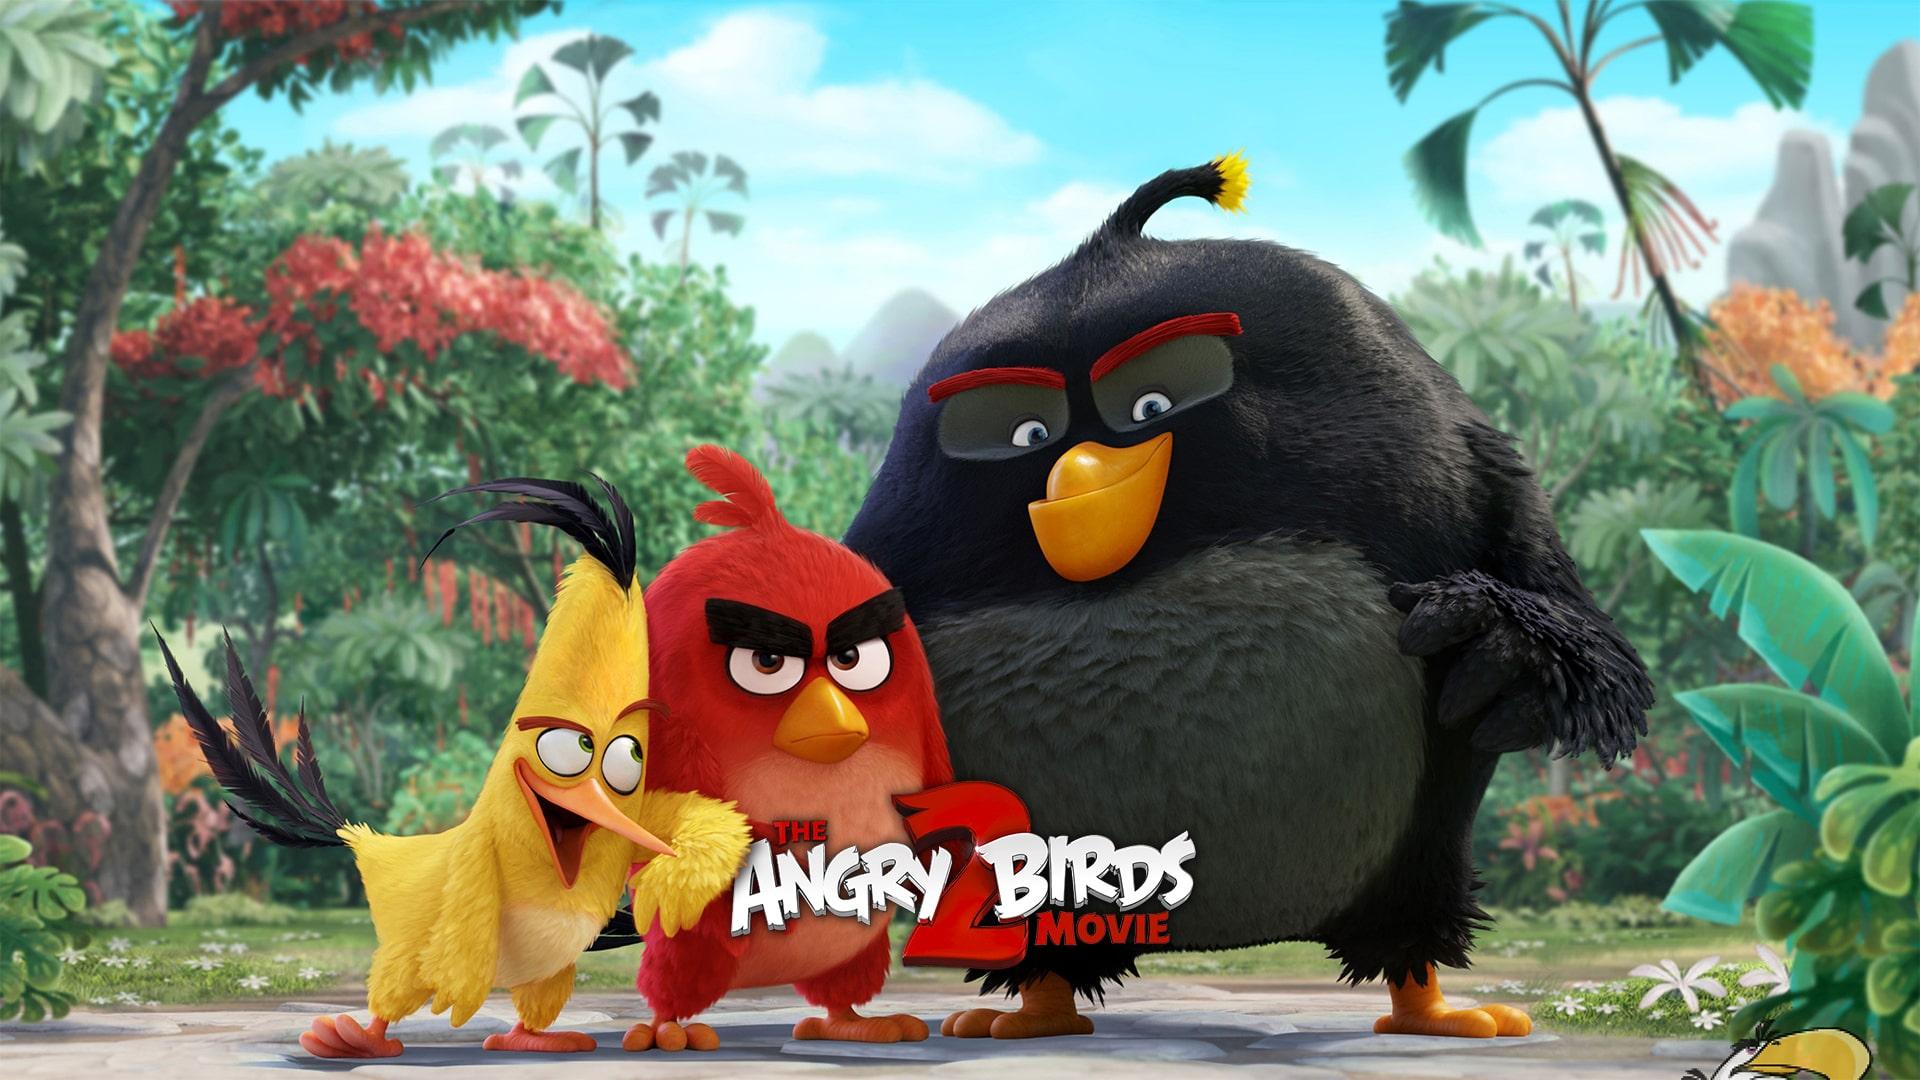 انیمیشن پرندگان خشمگین 2 یکی از بهترین انیمیشن های سال 2019